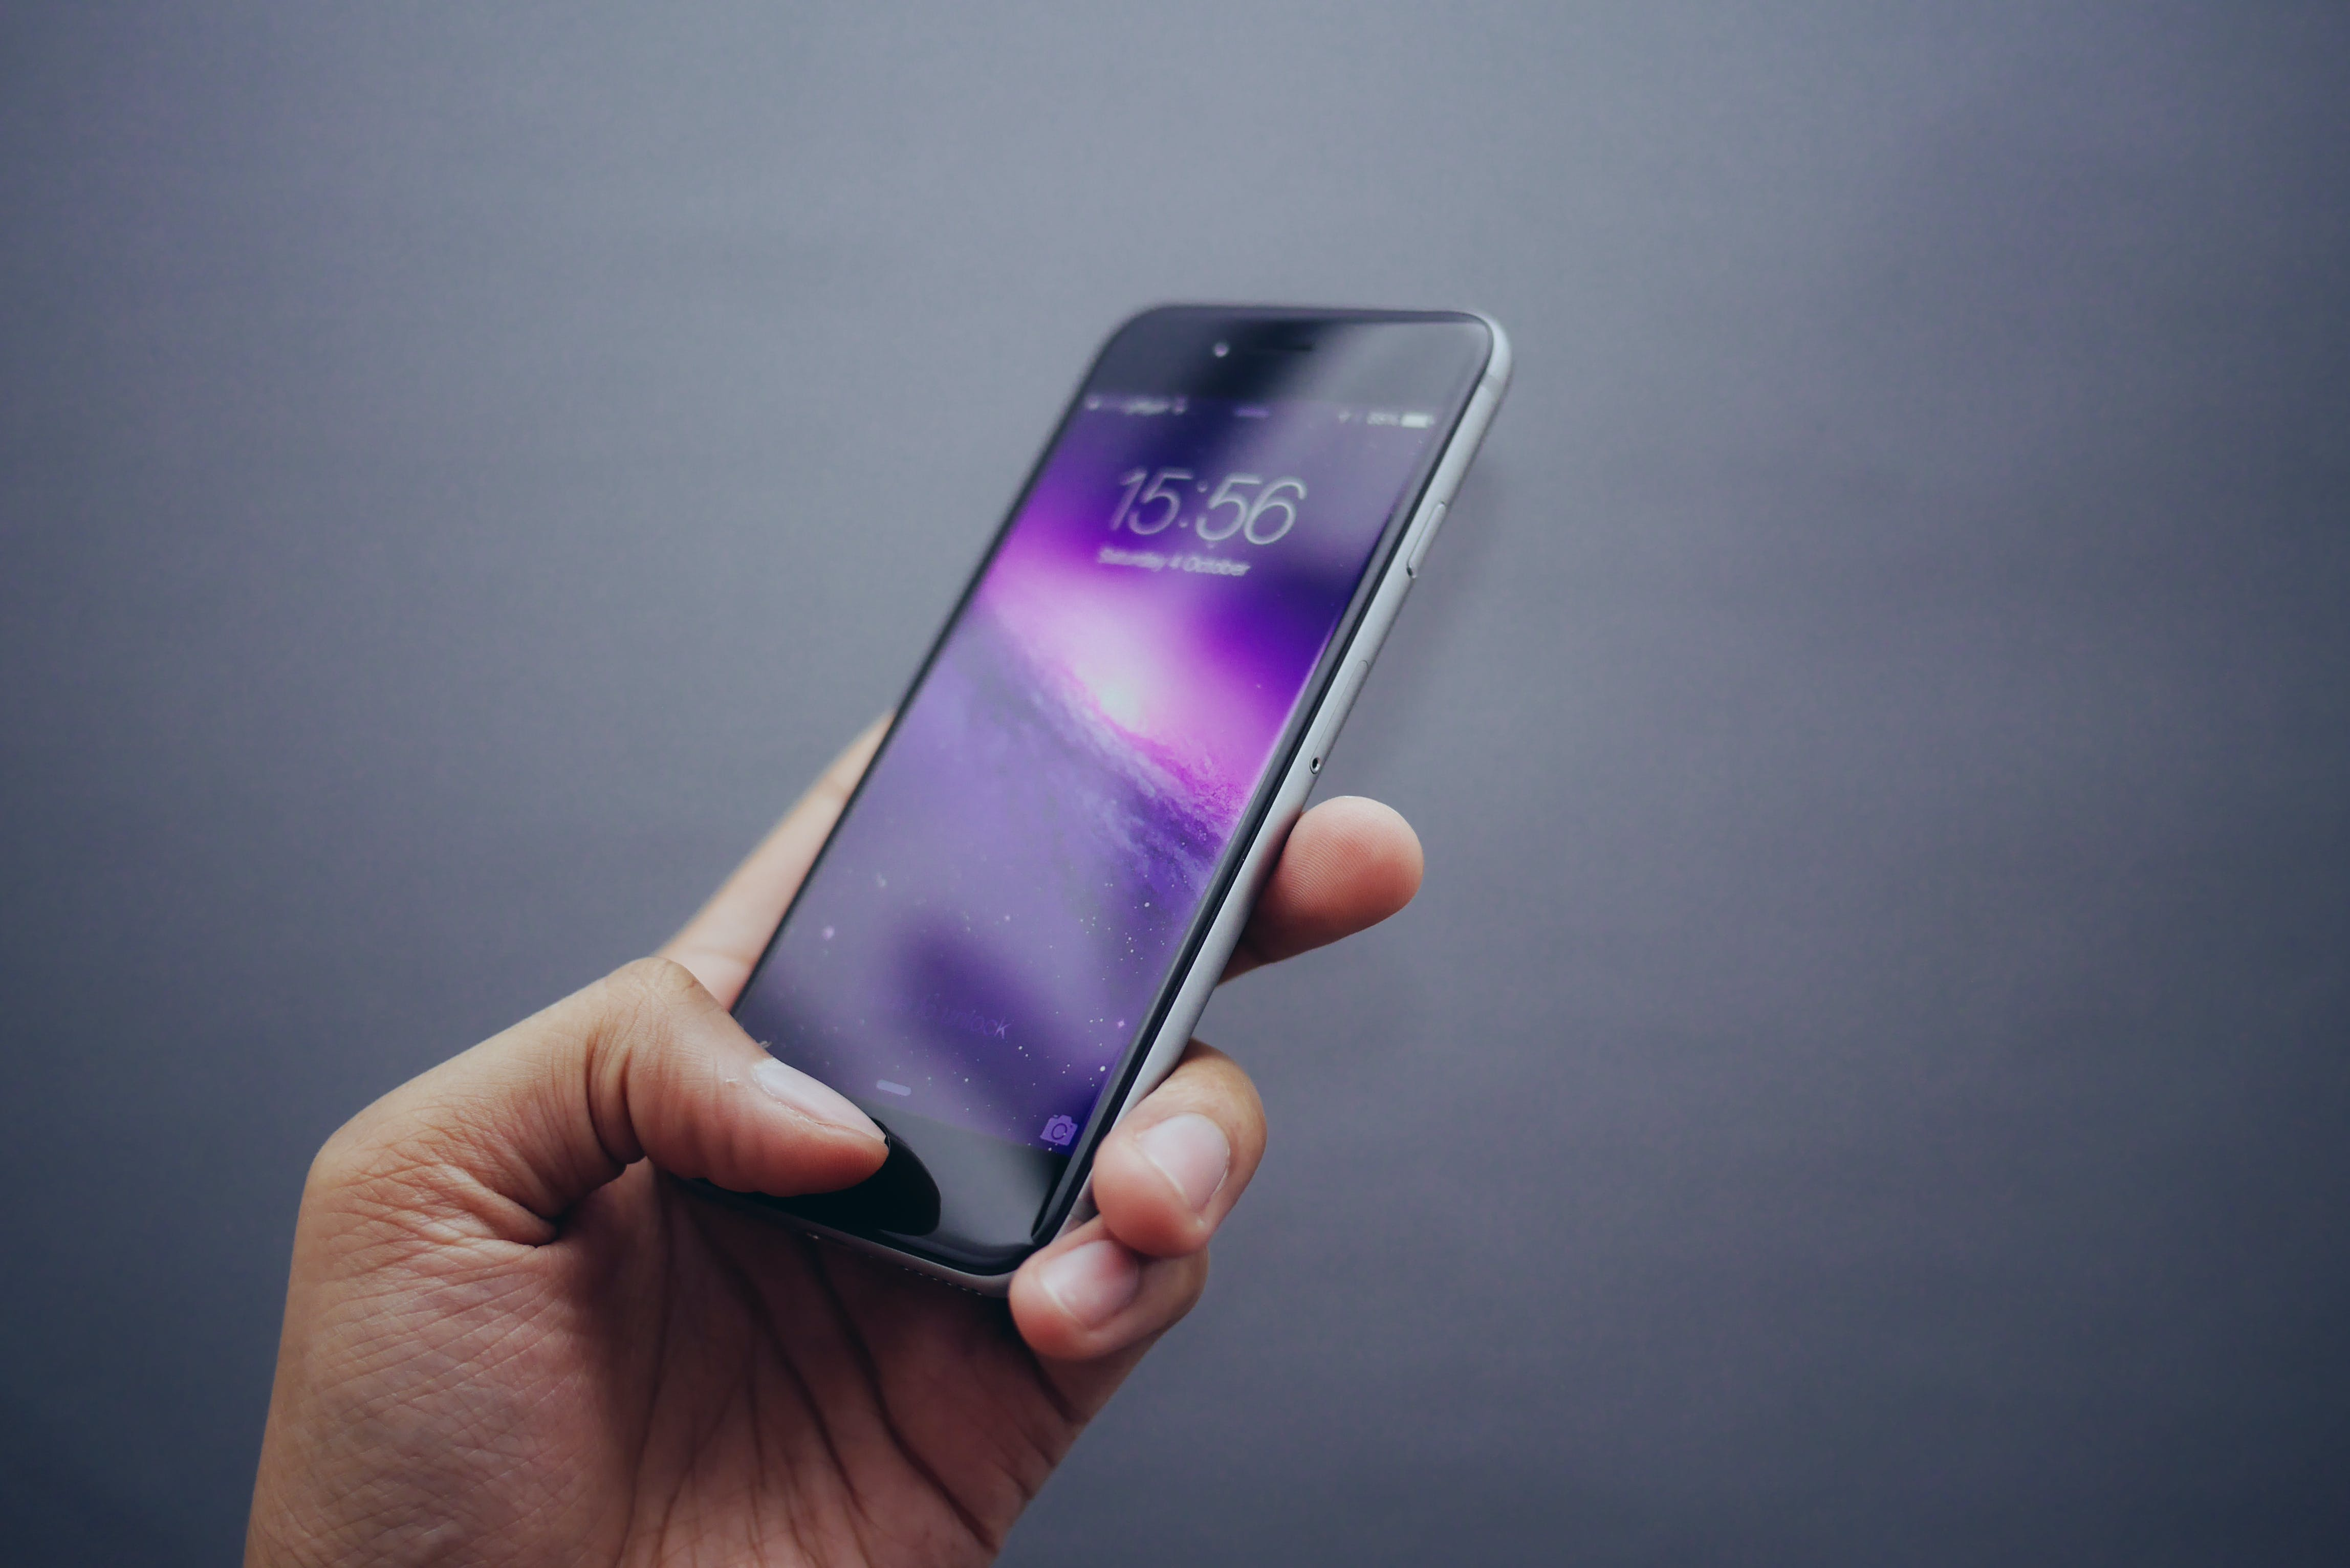 apple, digital, fingerprint scanner